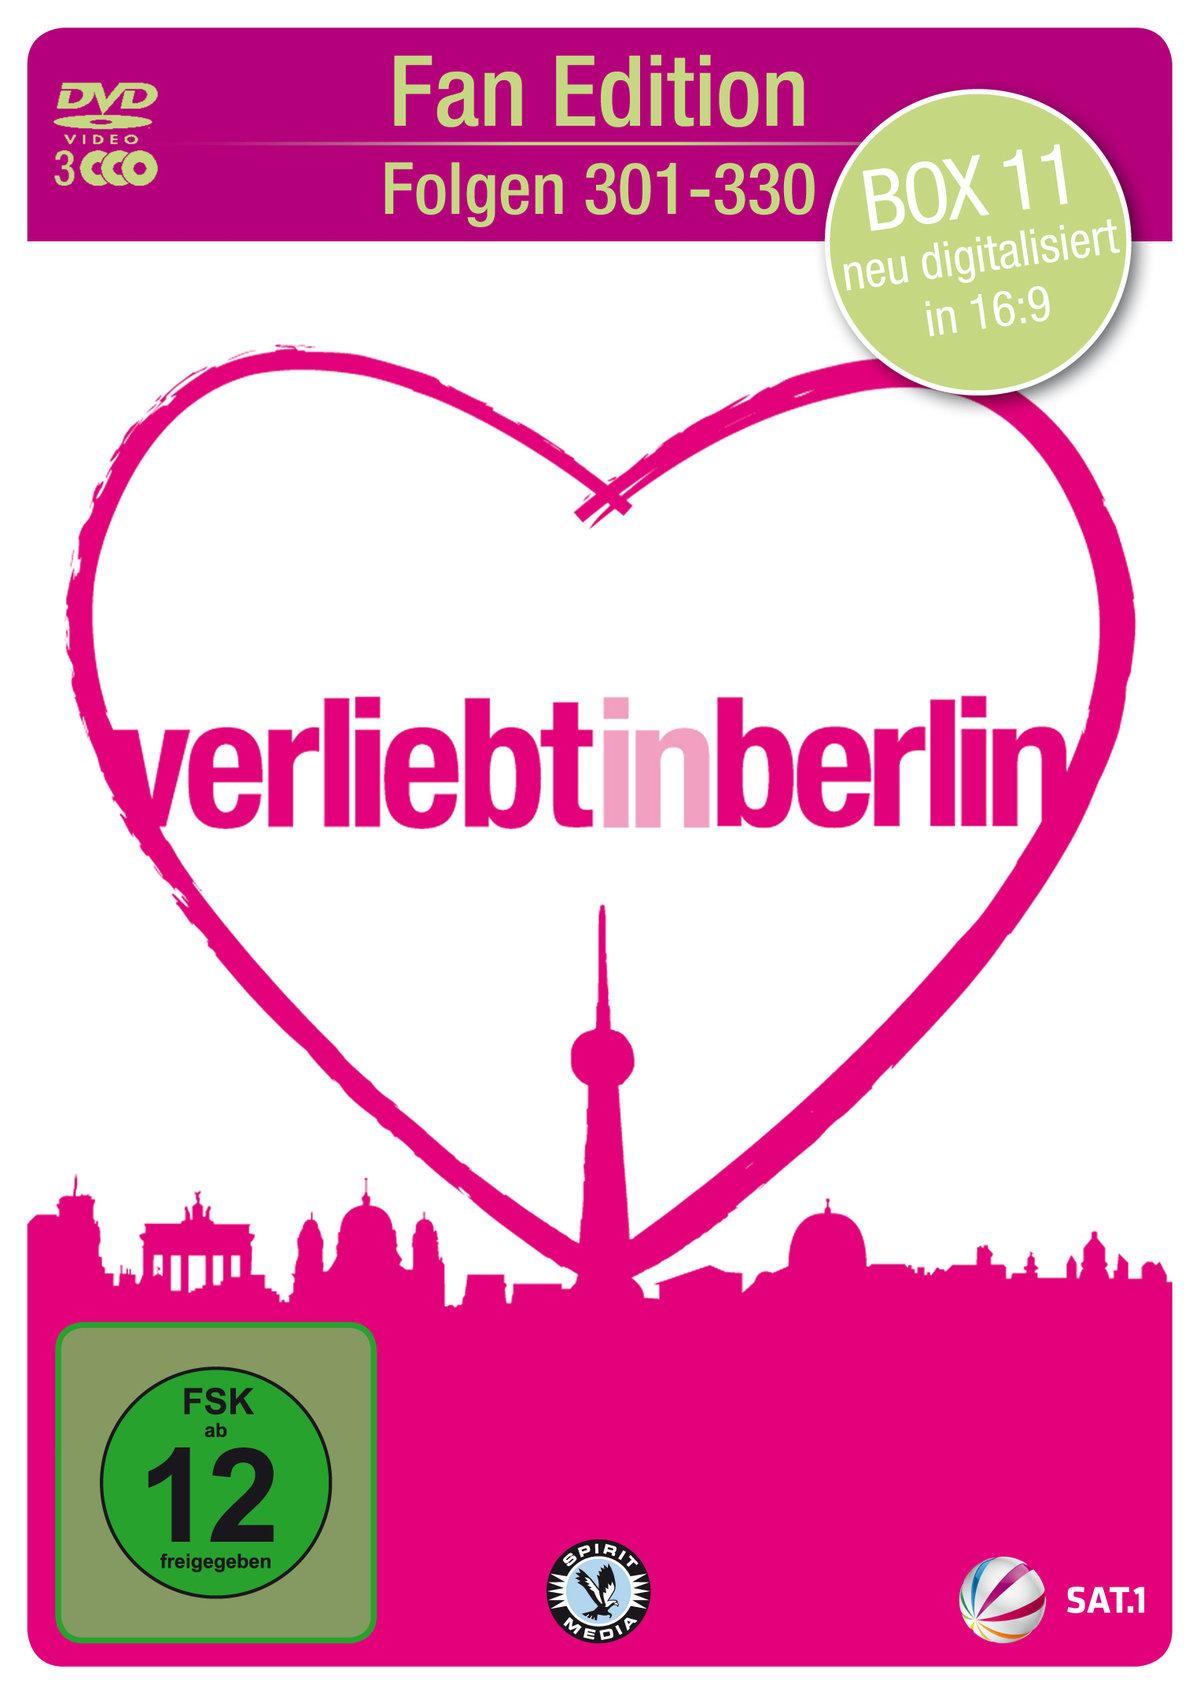 Verliebt in Berlin - Box 11  (3 DVDs) (Cede)